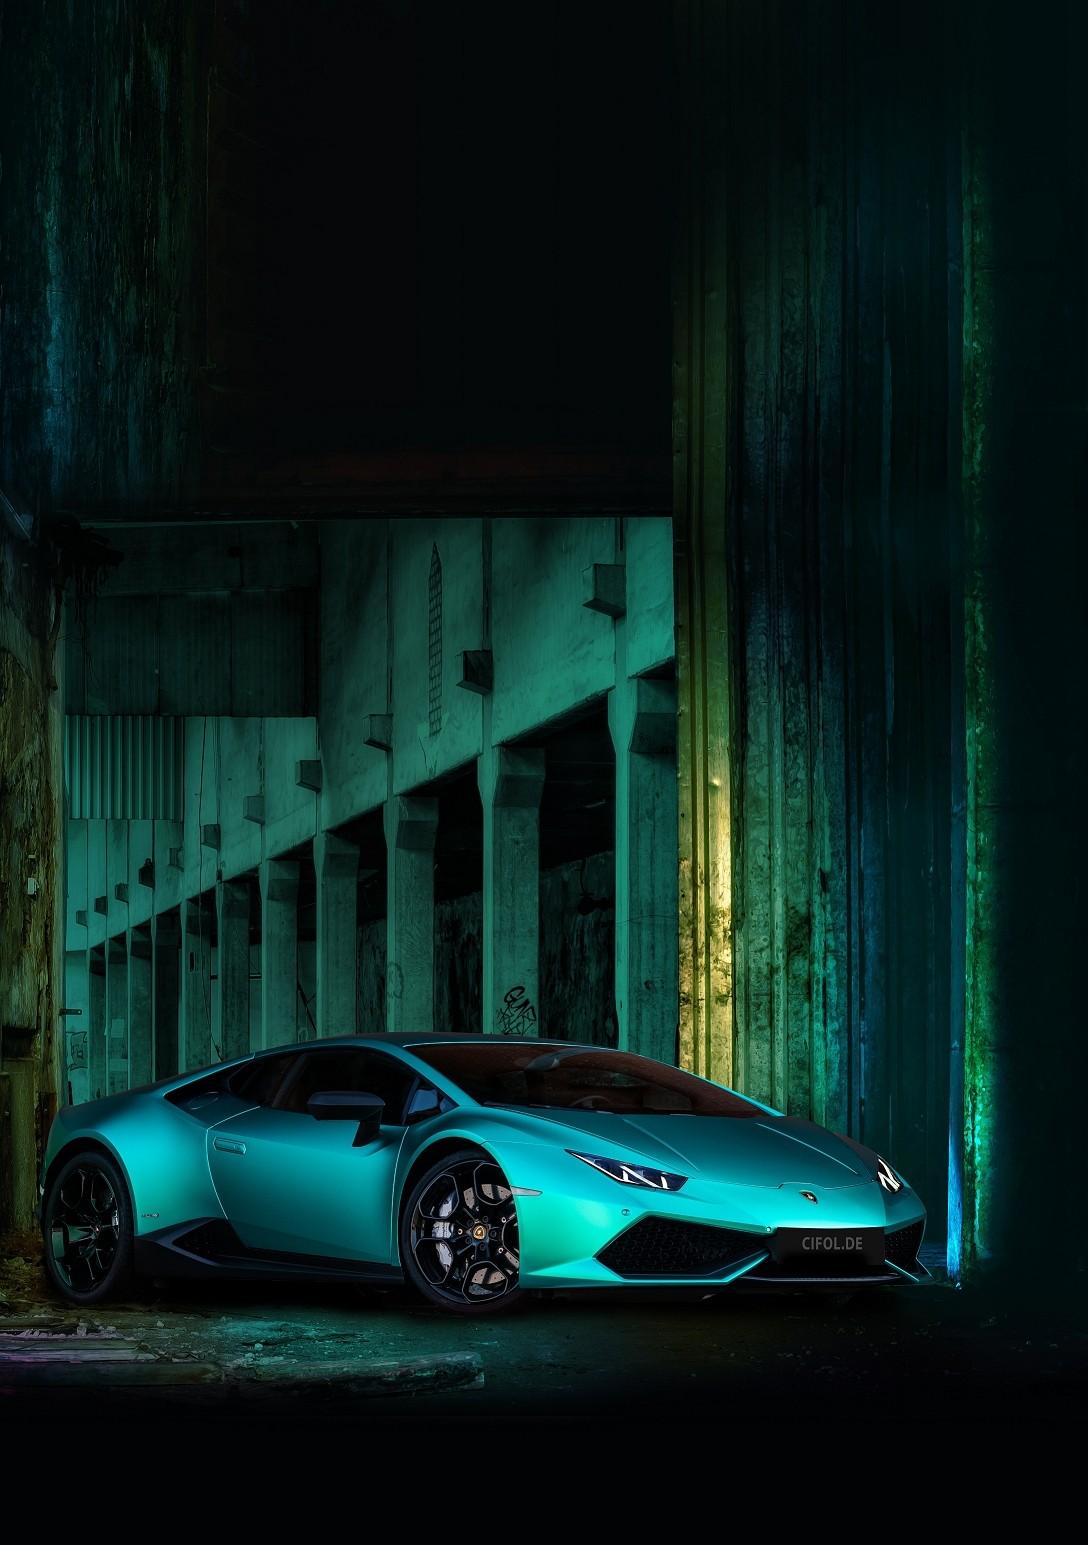 Lamborghini Huracan in Türkis